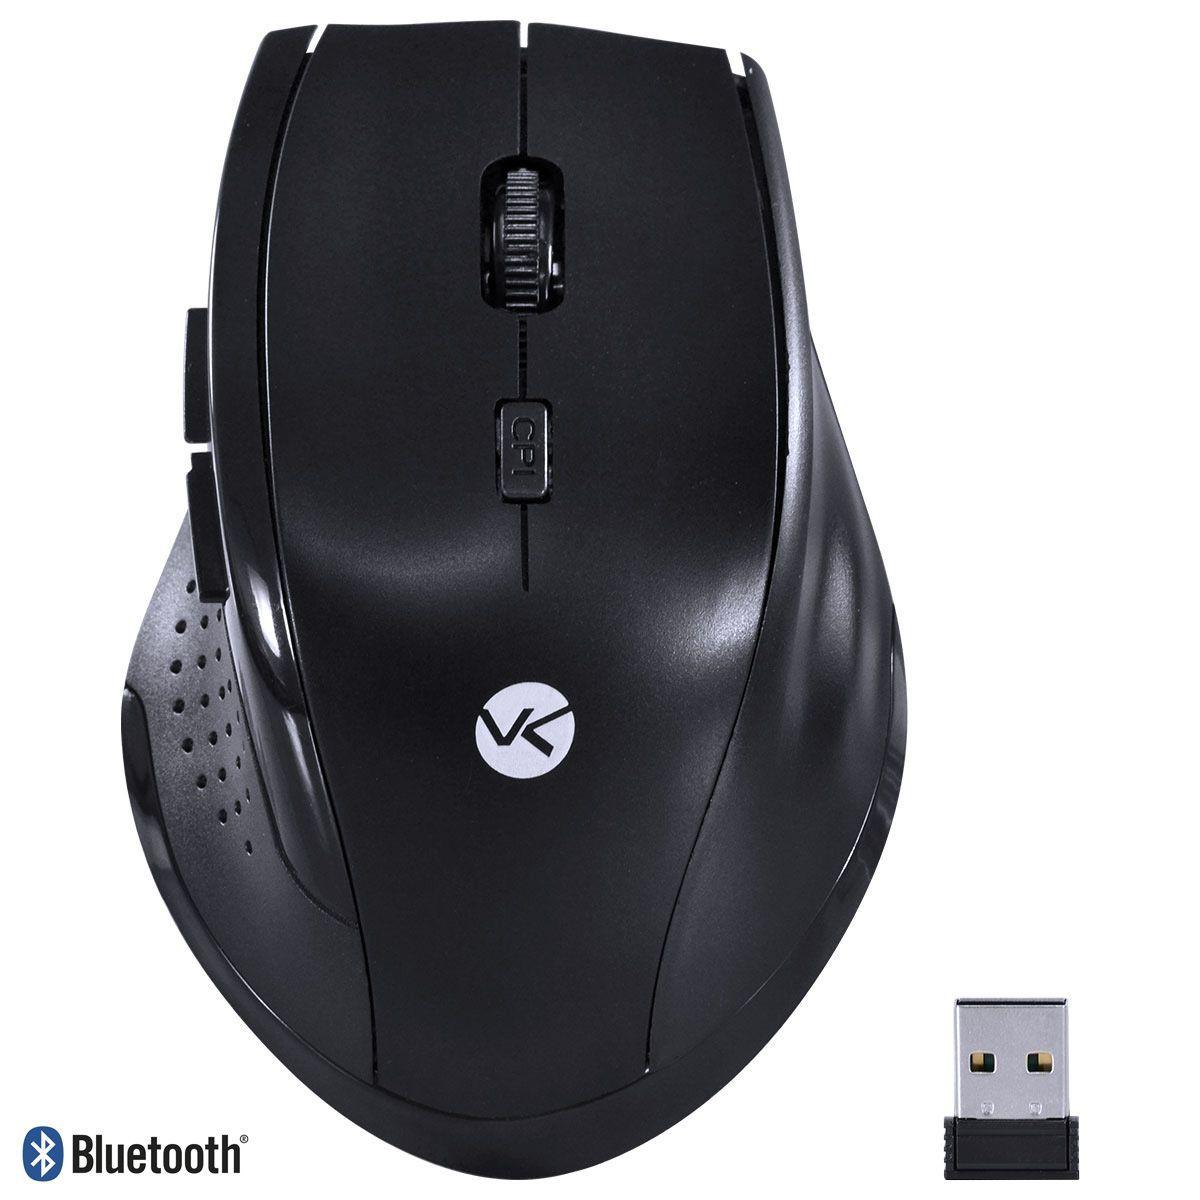 Mouse sem fio Híbrido 2.4Ghz + Bluetooth 4.0 1200 DPI Dynamic Ergo Preto USB DM120 - Vinik